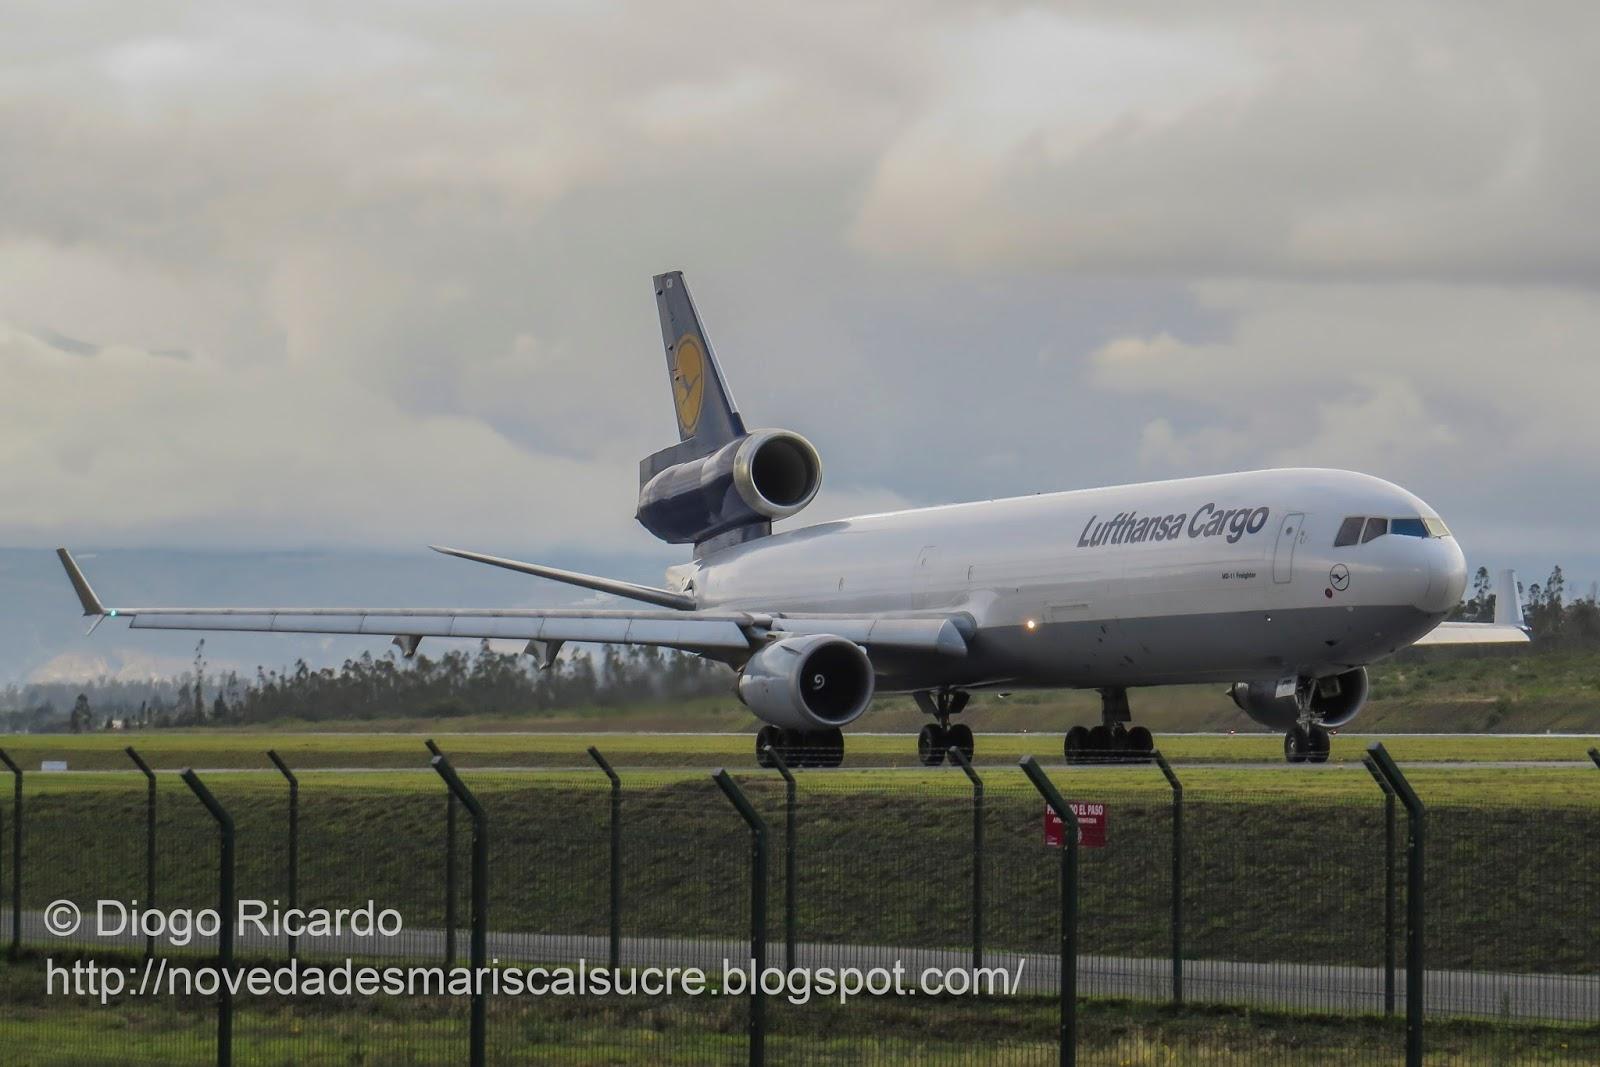 Novedades Del Aeropuerto Mariscal Sucre Ltimas Novedades